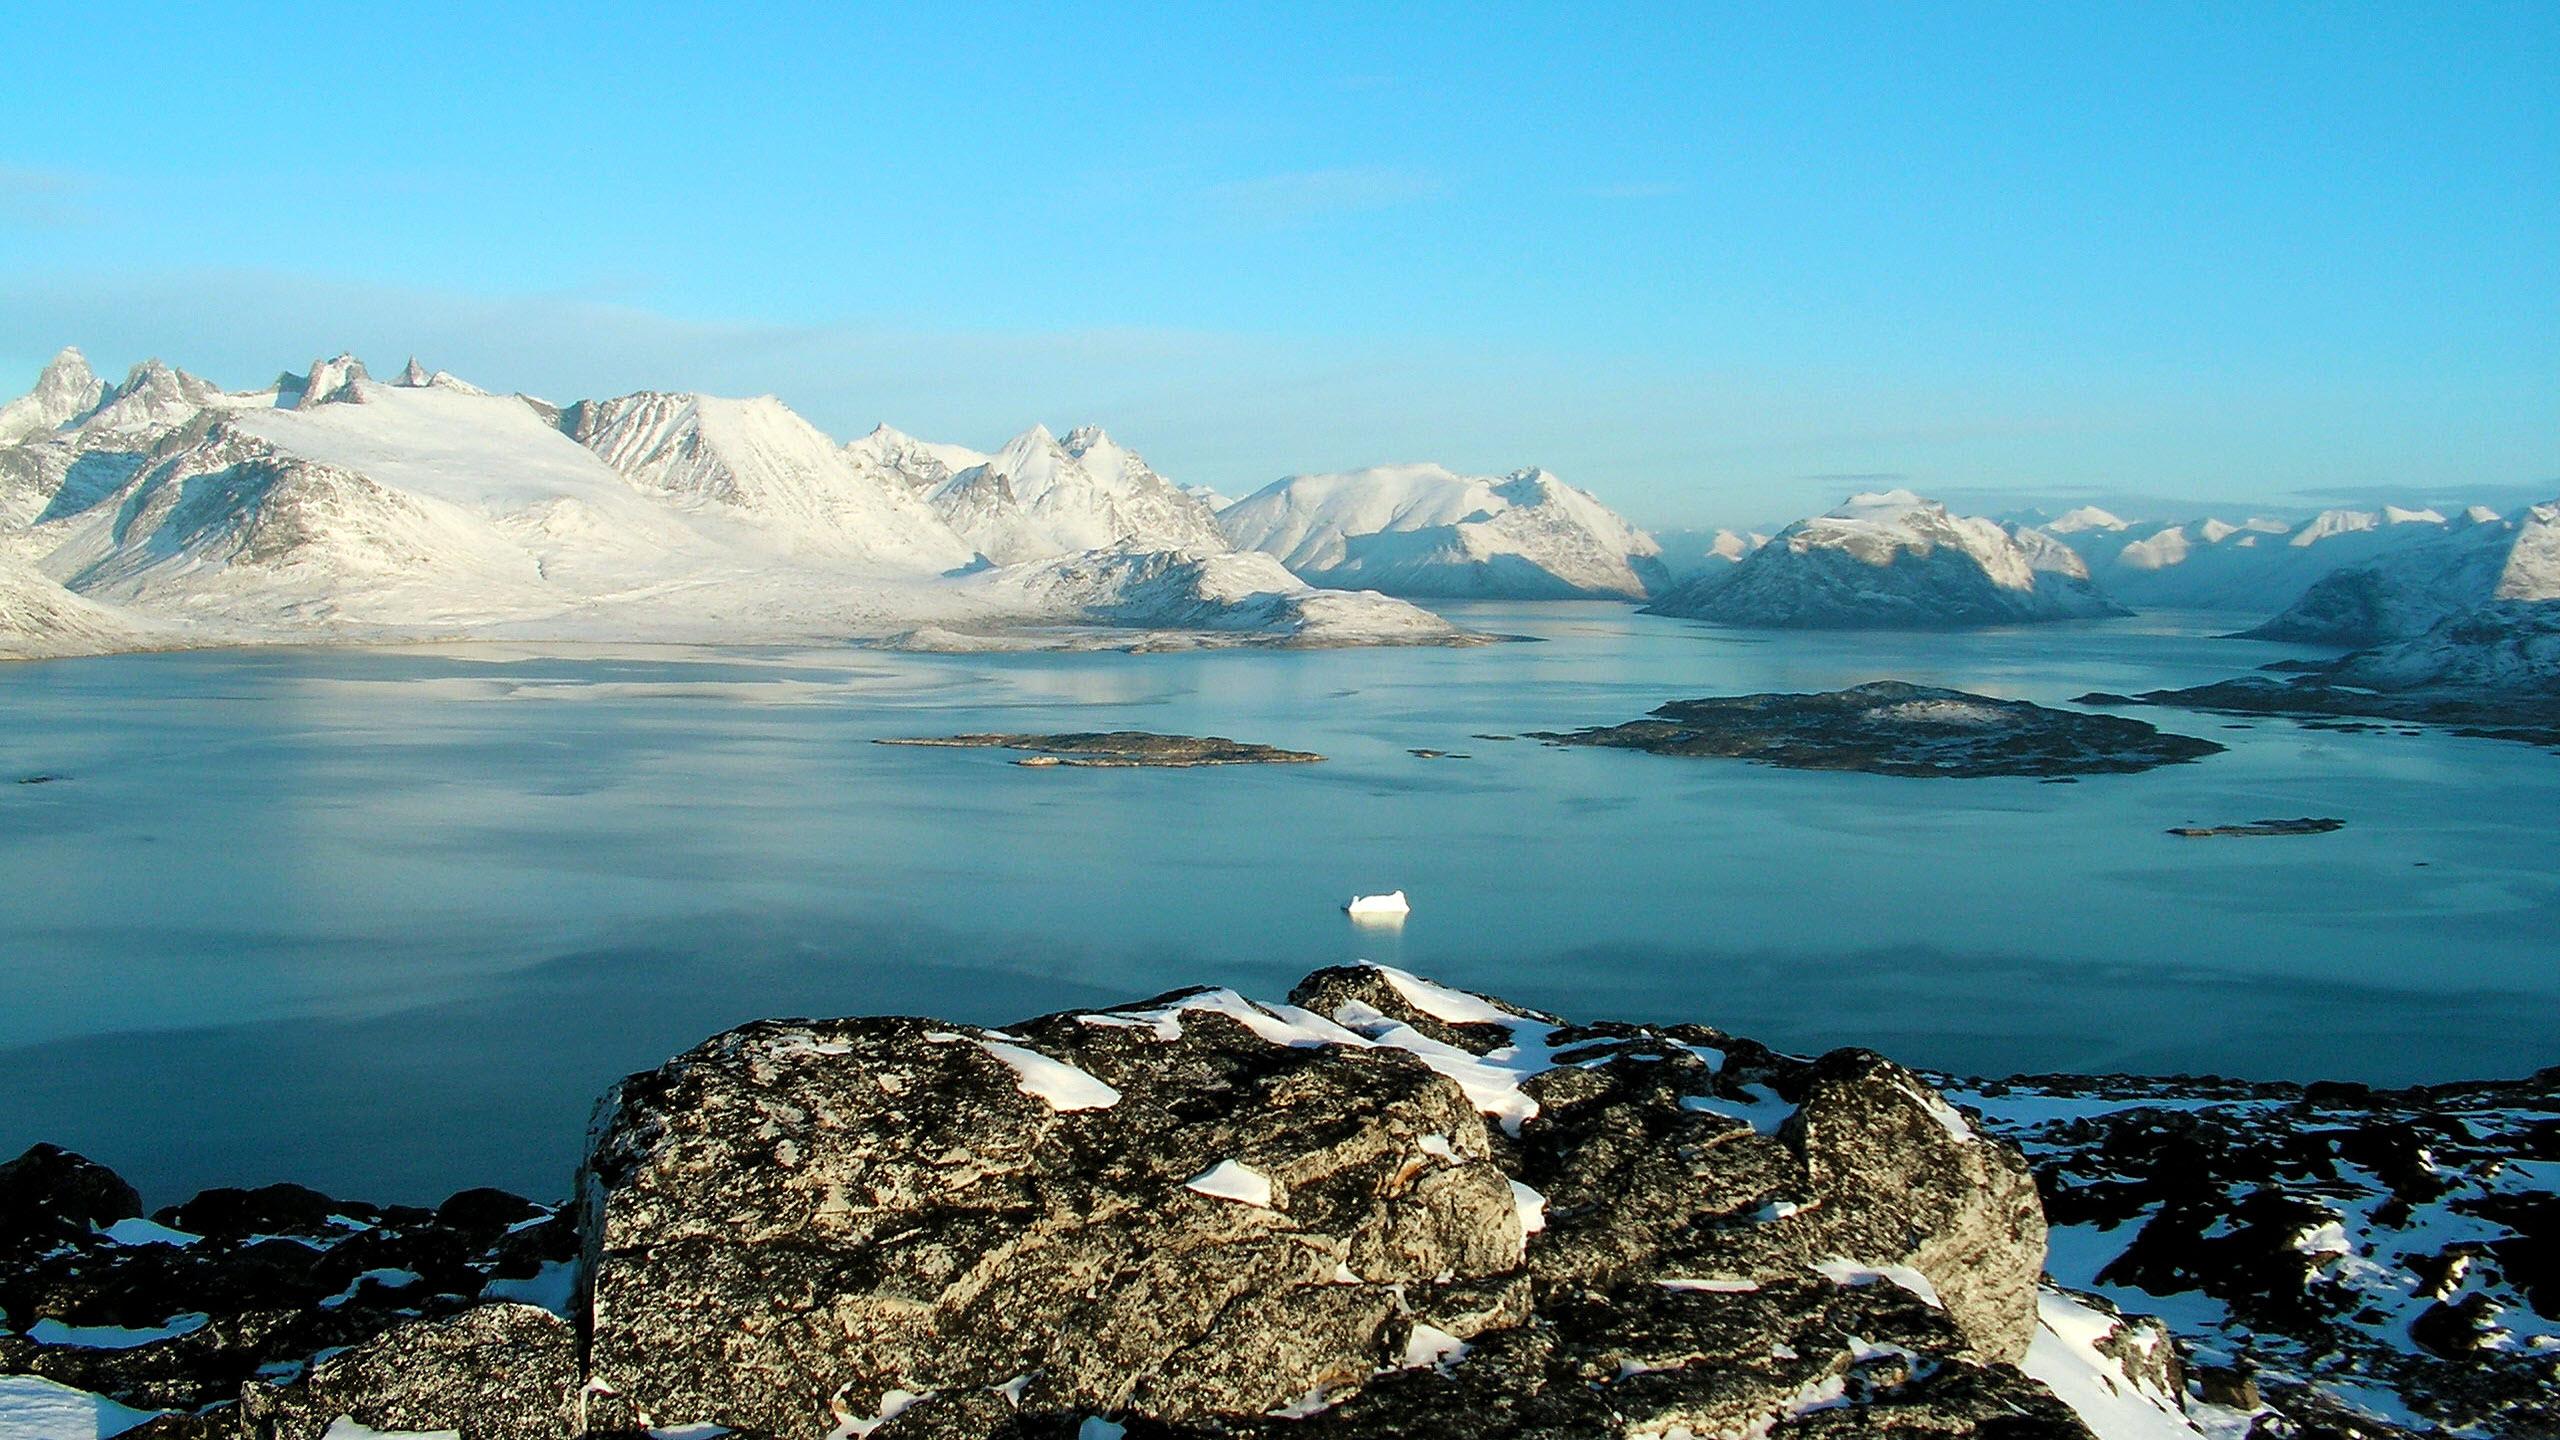 Hình nền phong cảnh Bắc Cực